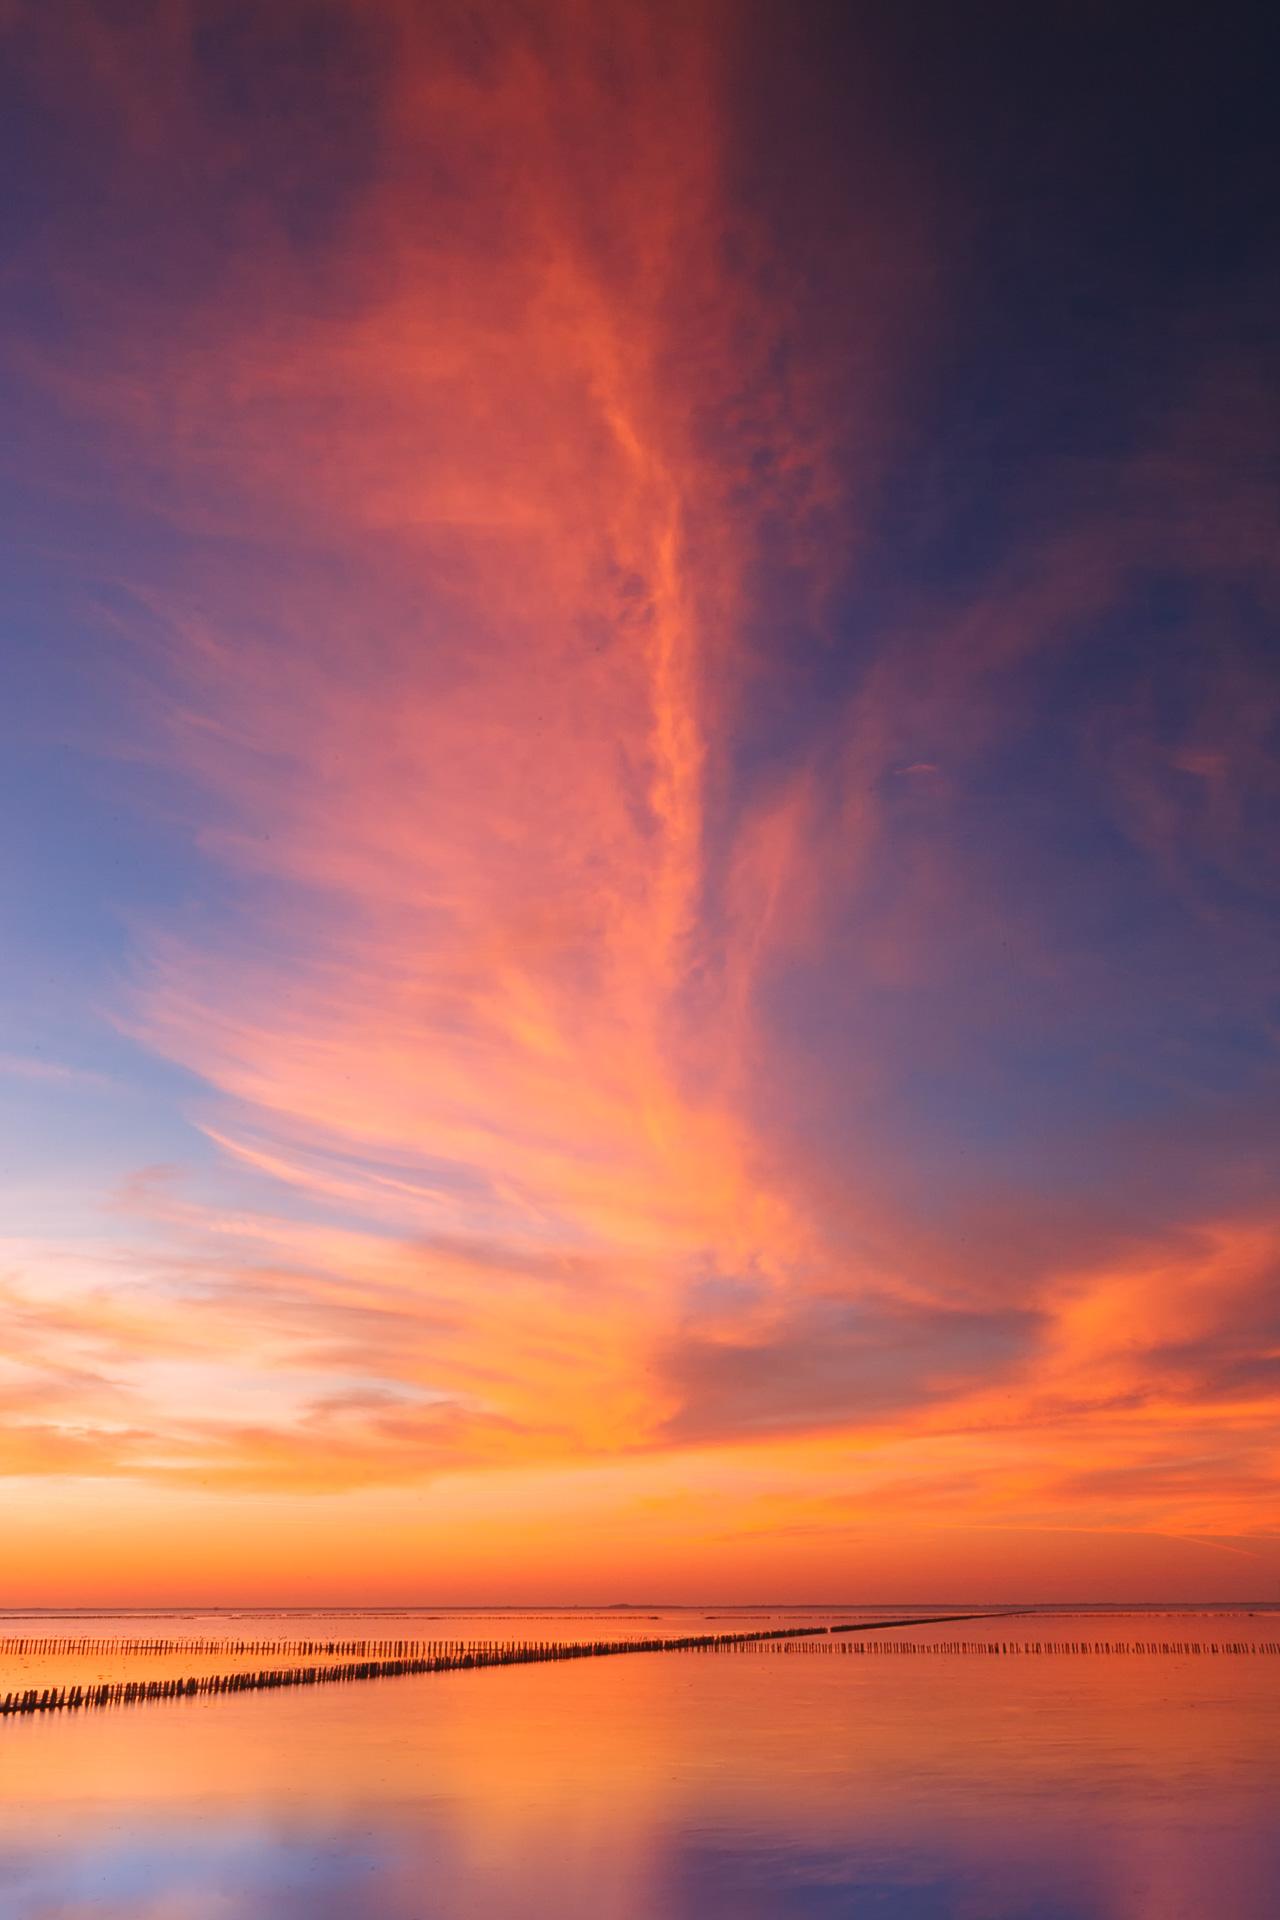 Landschapsfotografie en Muziek - Zonsondergang boven de Waddenzee, 10 september 2004. Een van de vele avonden aan het wad, lerend, experimenterend en genietend.